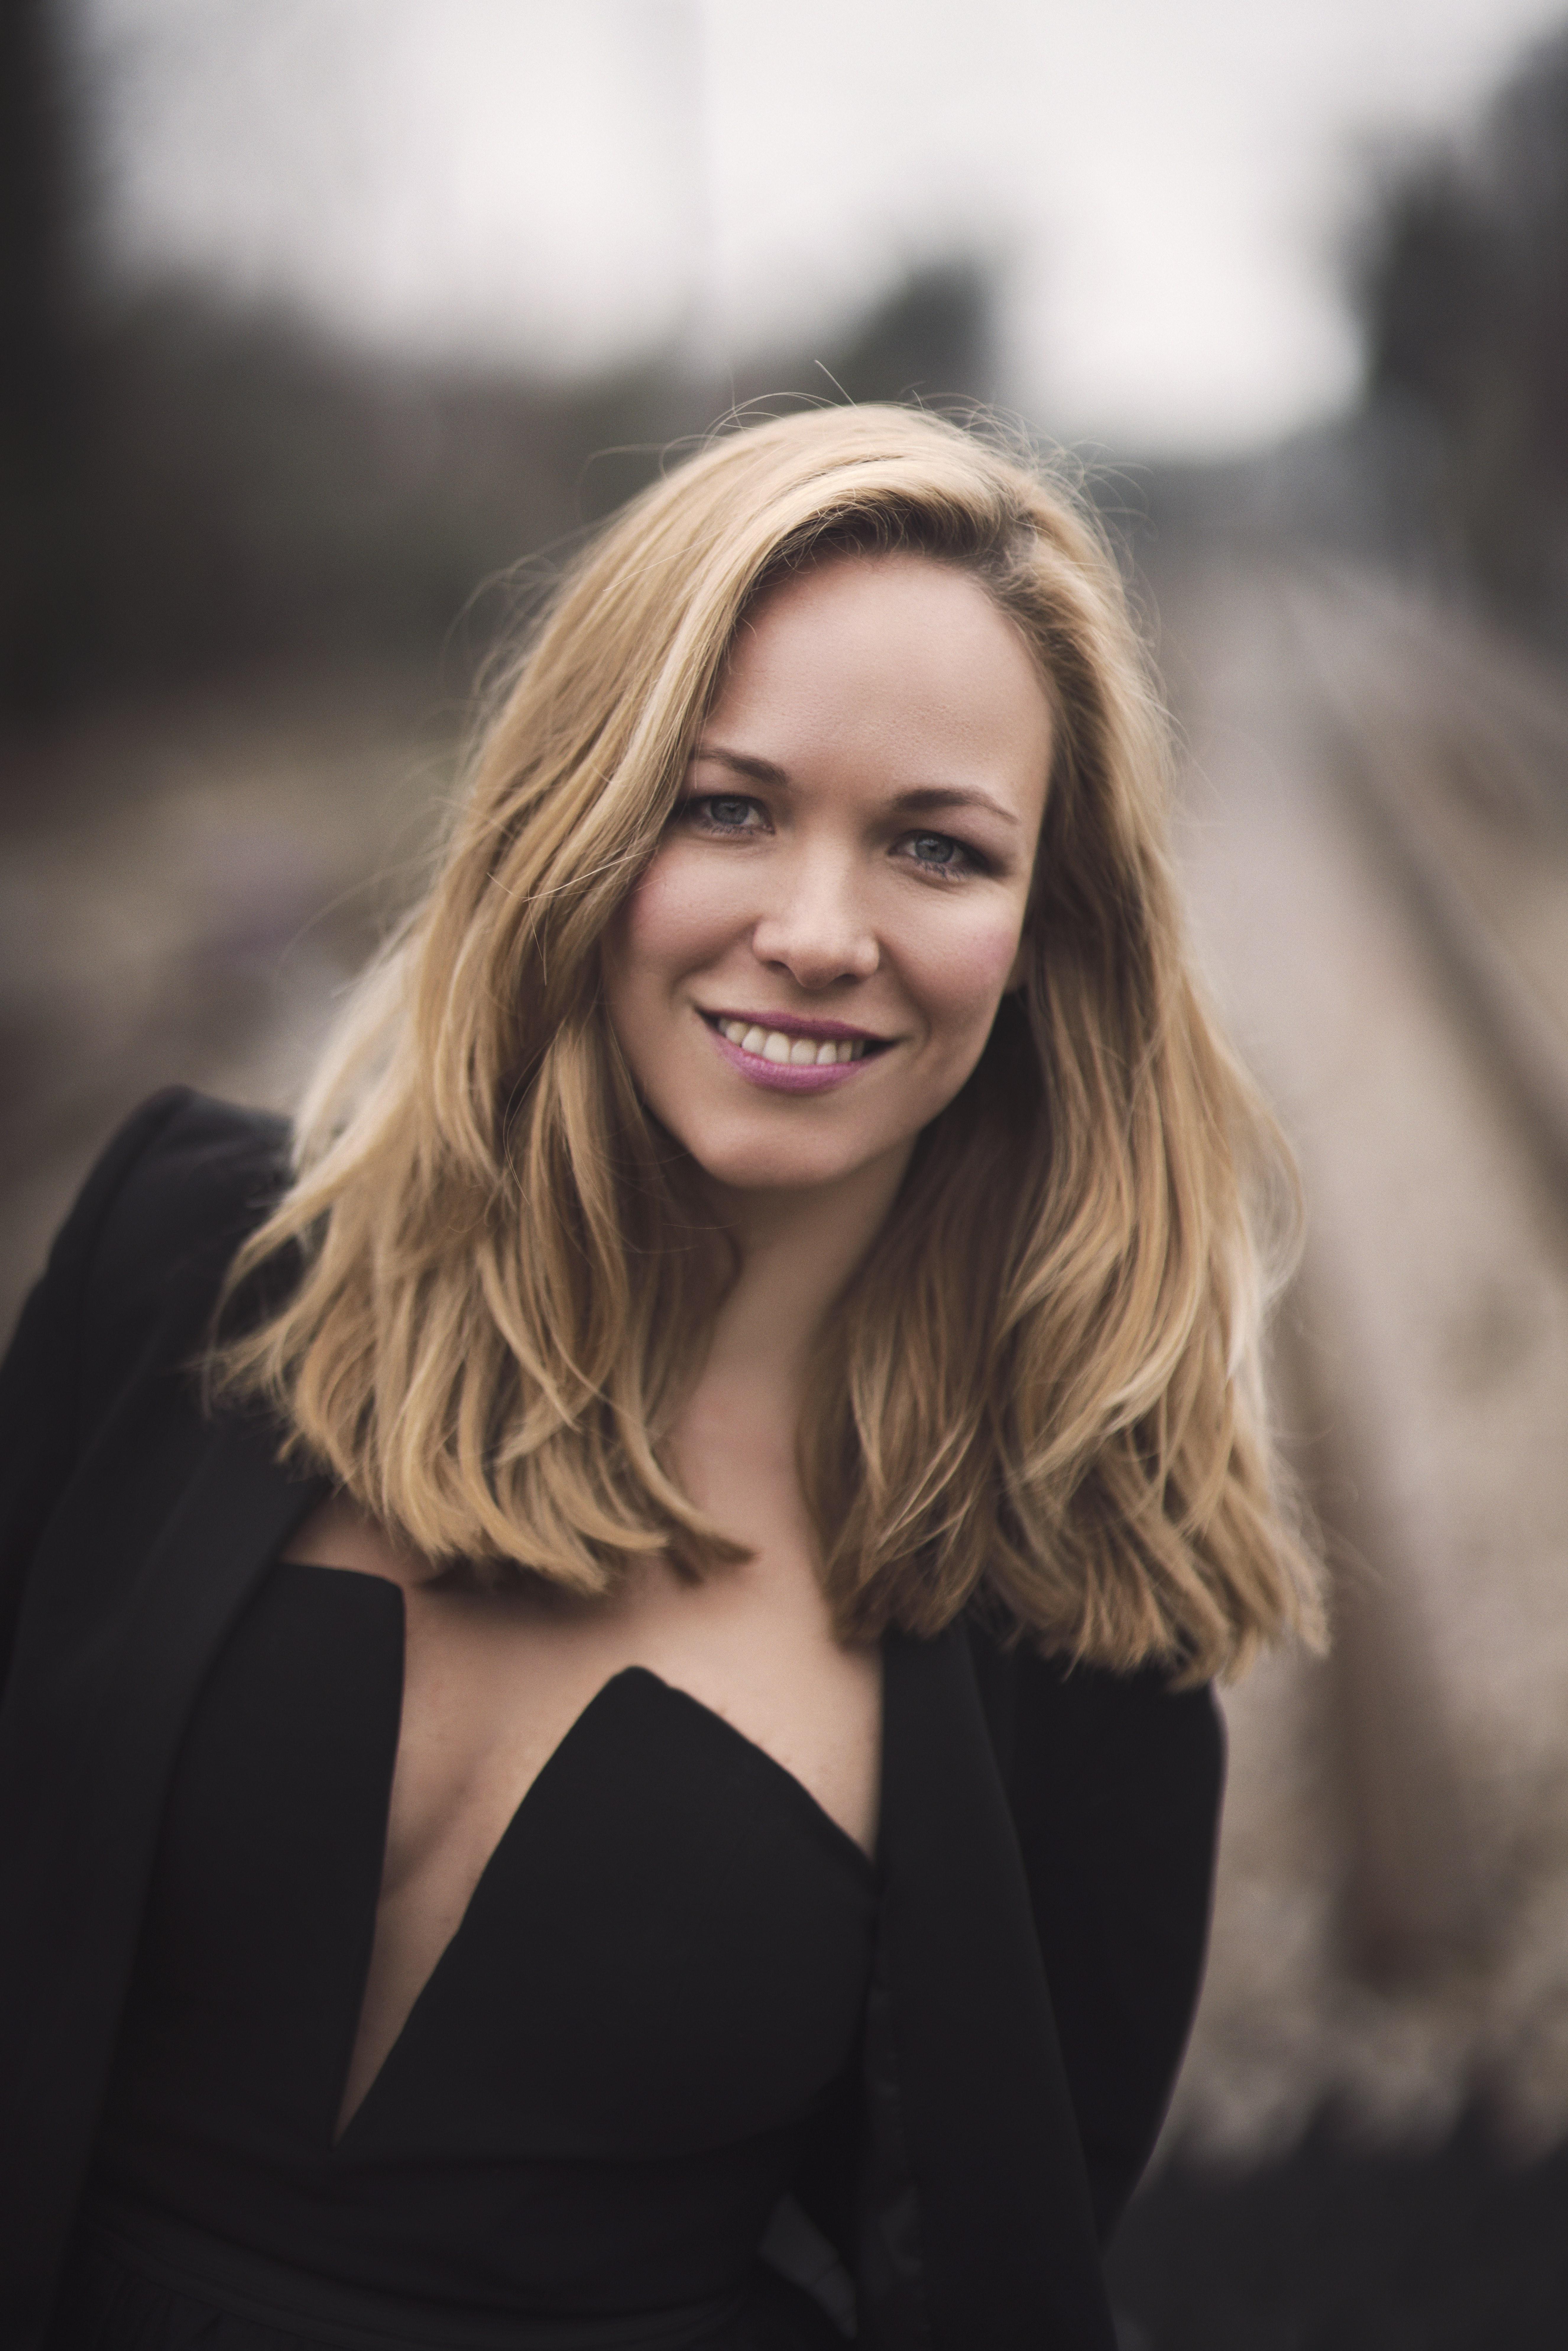 Eline Van der Velden Nude Photos 87